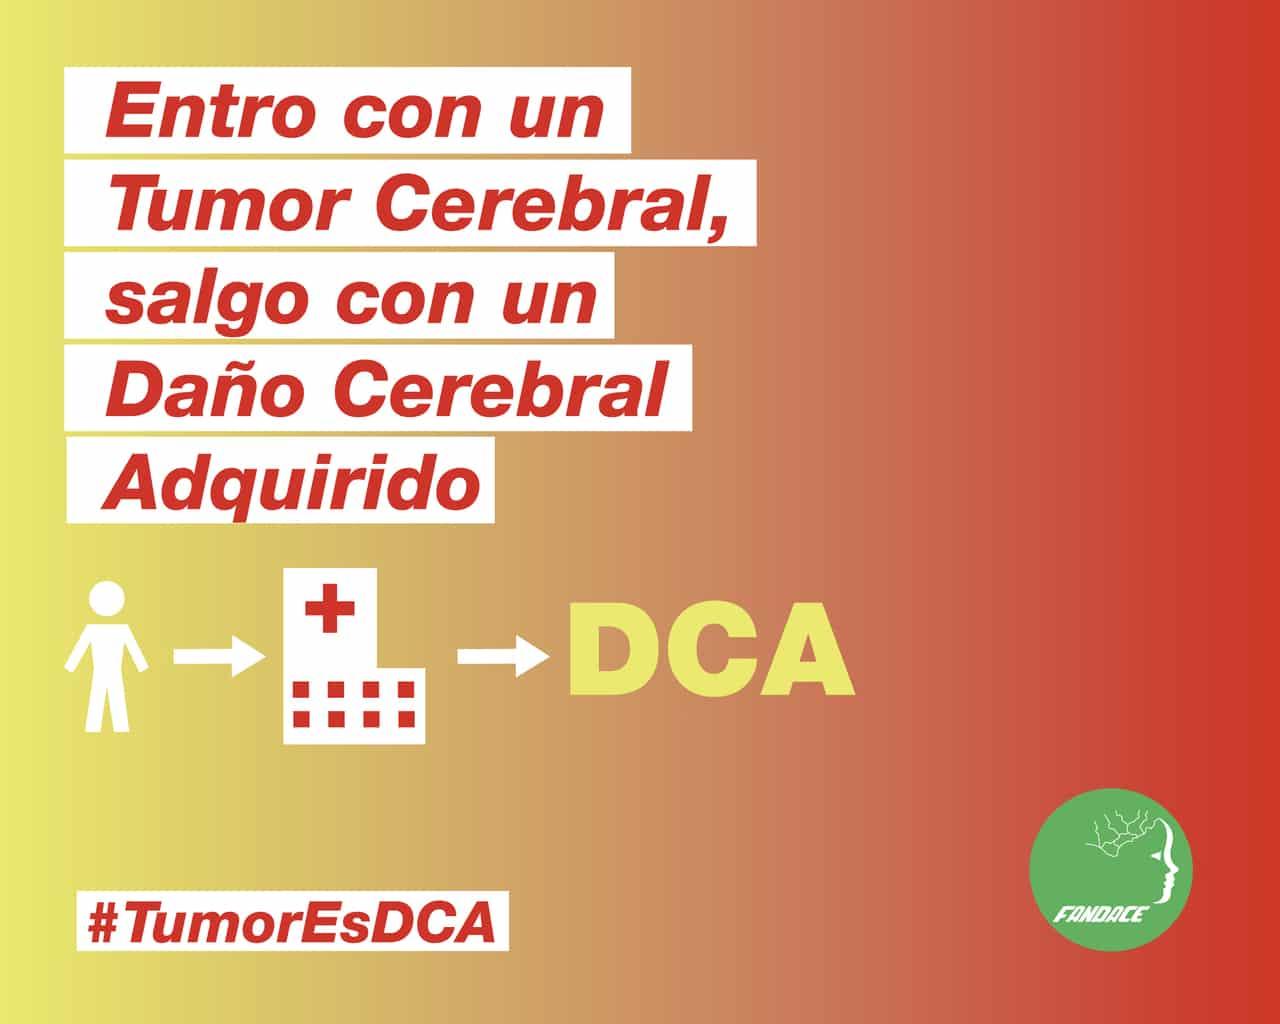 Tumor-Cerebral-Daño-Cerebral-Adquirido